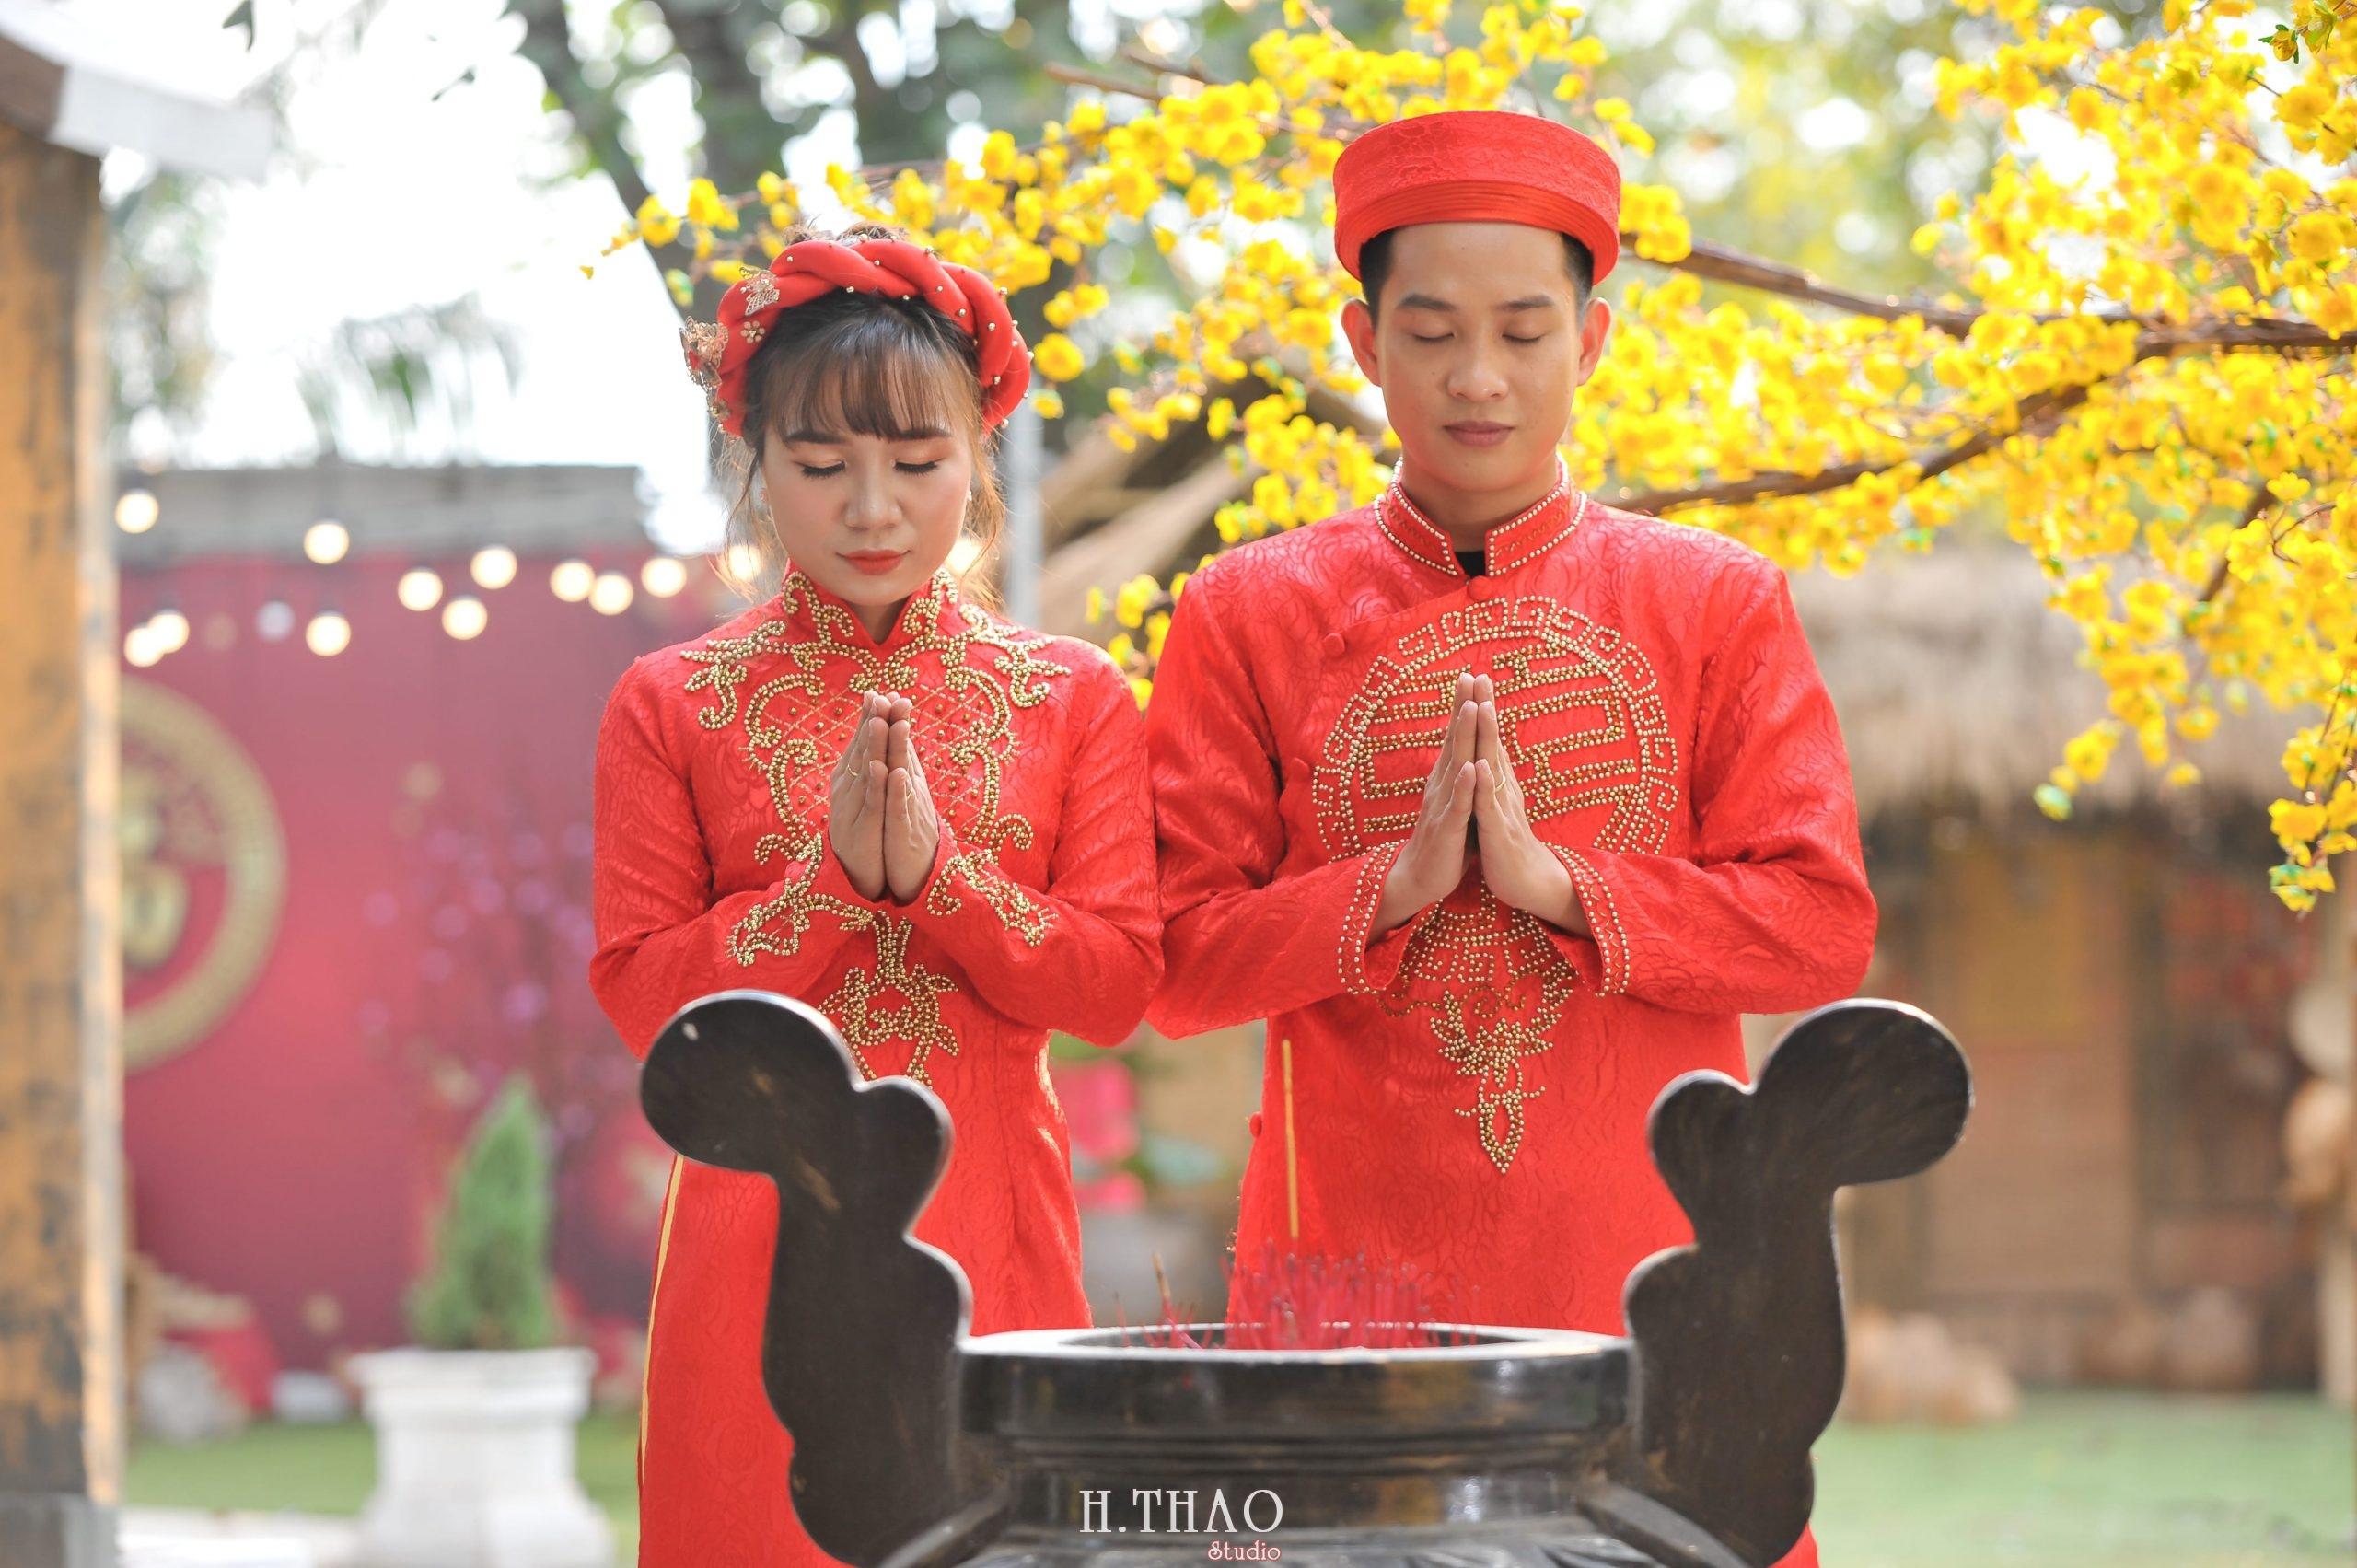 DSC 8575 min scaled - Album hình cưới chụp tại phim trường Alibaba đẹp tự nhiên